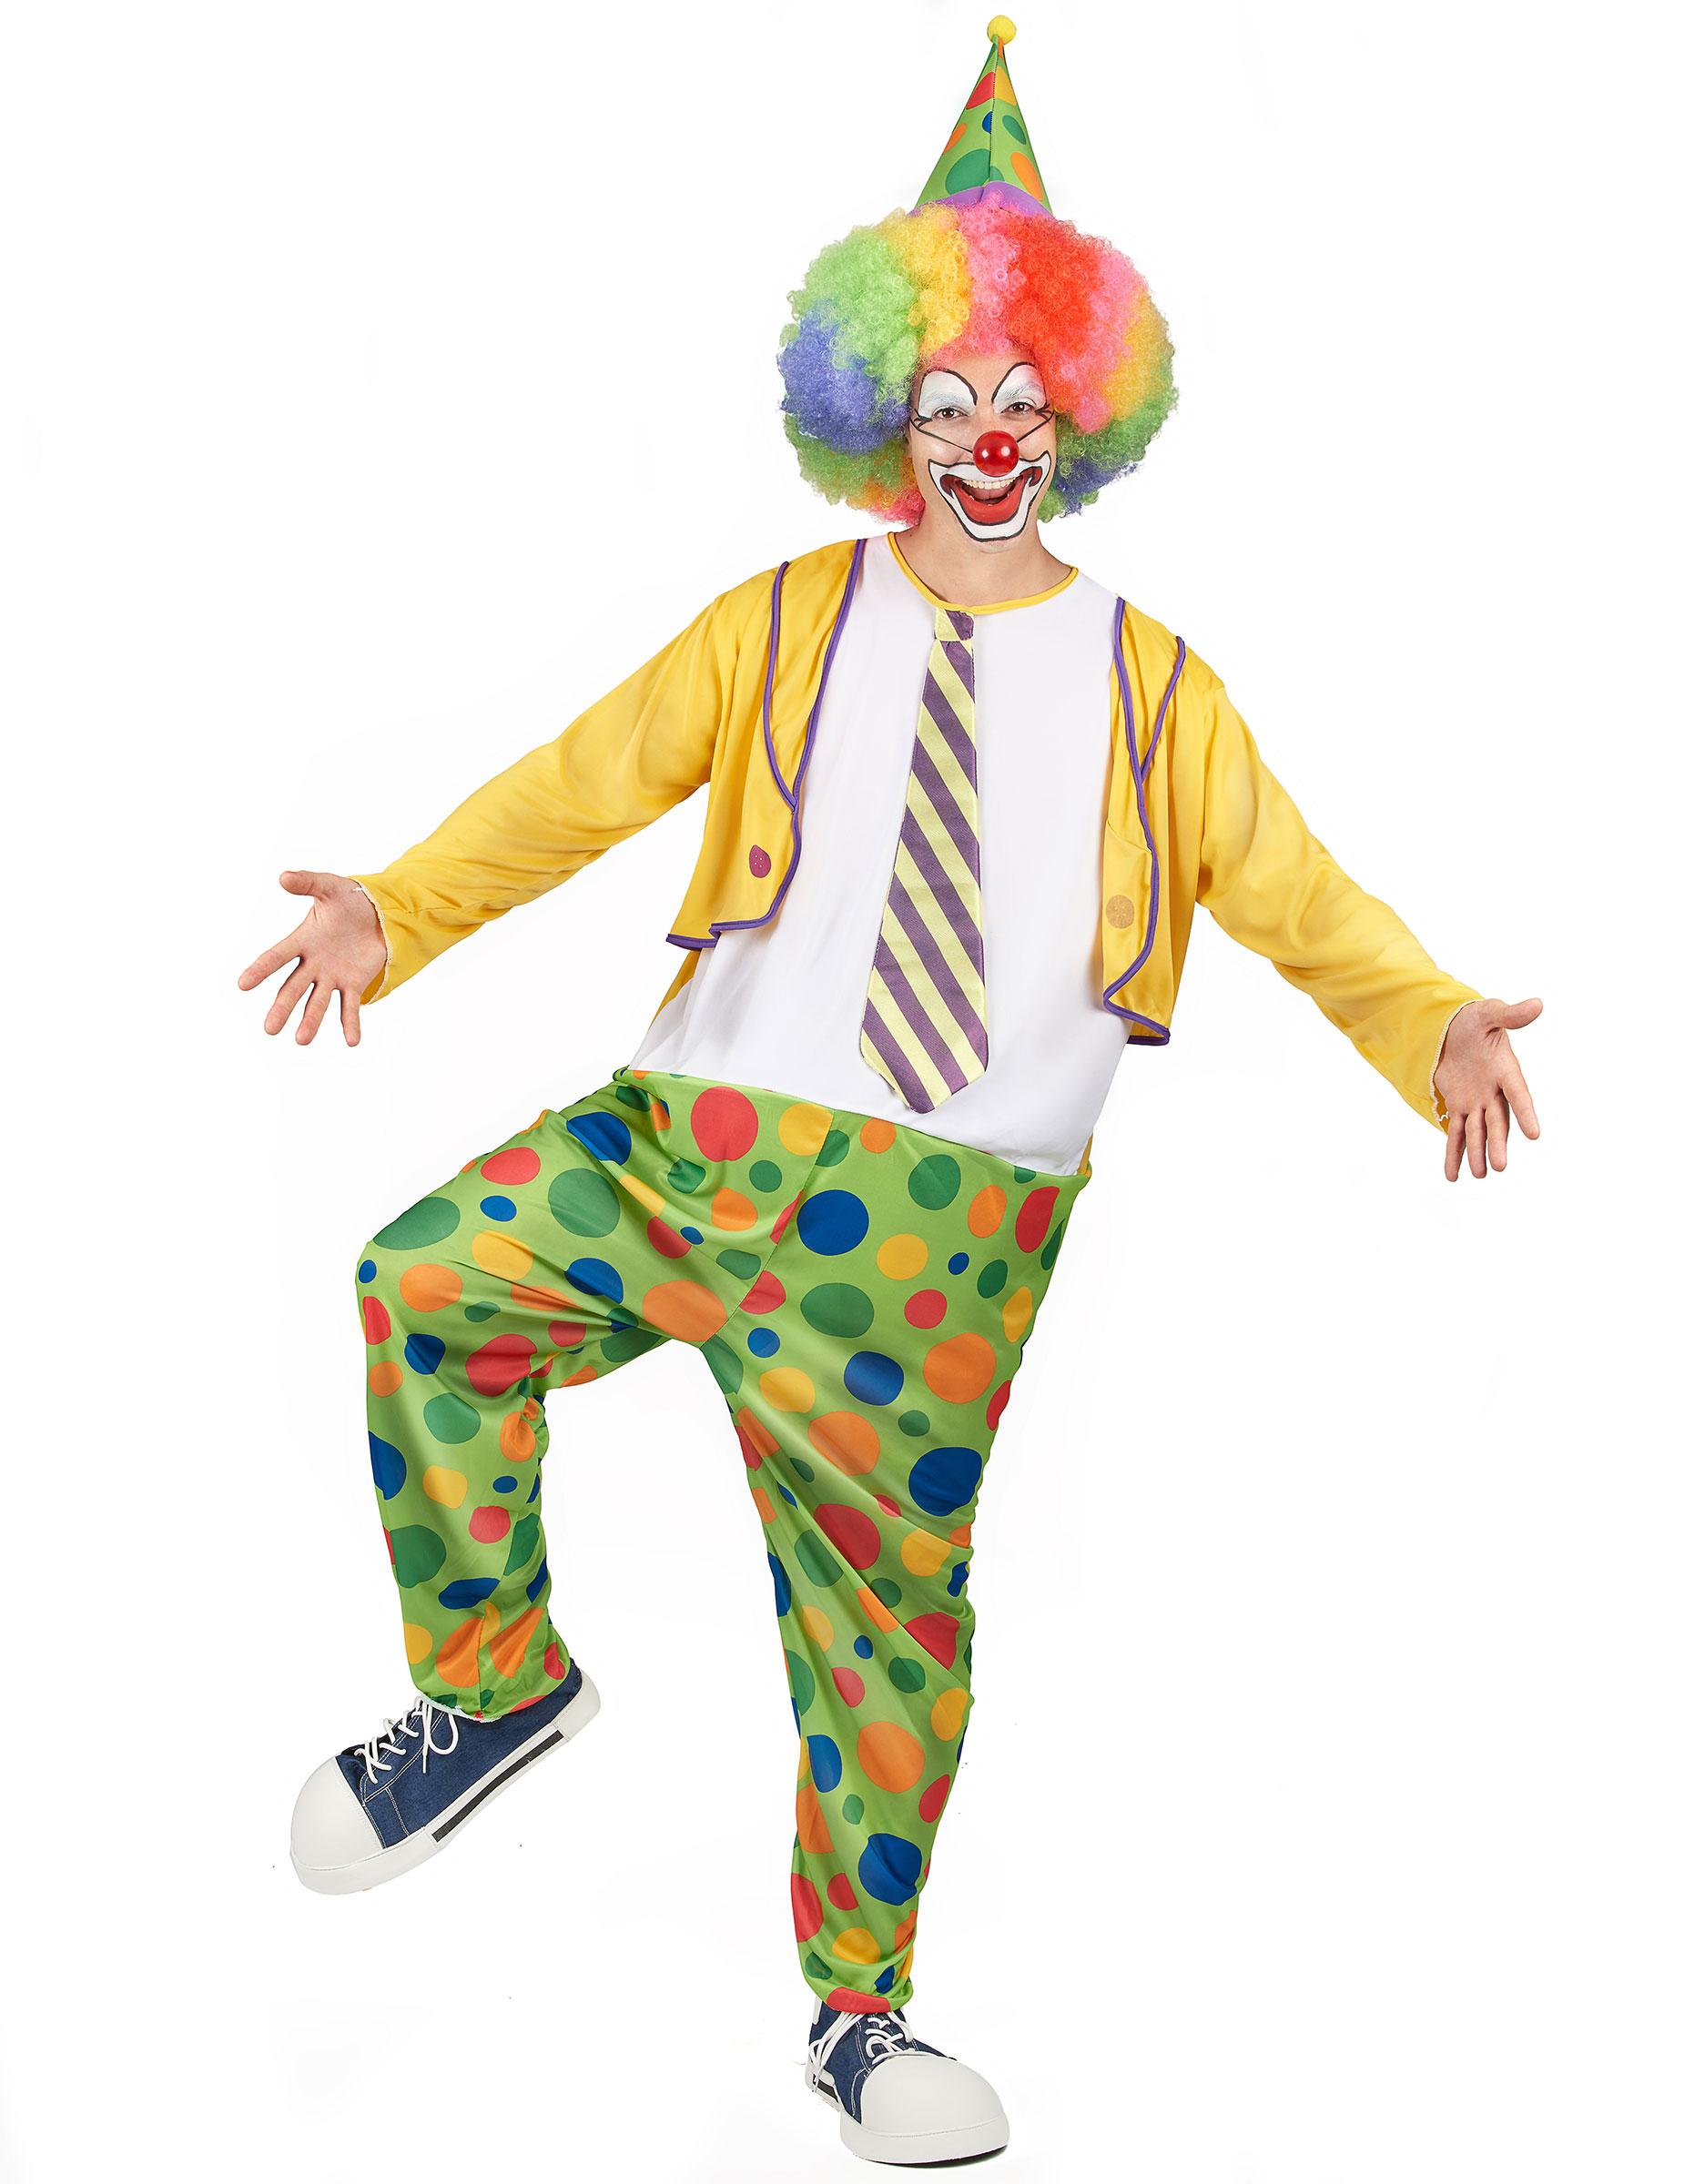 d guisement clown homme d coration anniversaire et f tes th me sur vegaoo party. Black Bedroom Furniture Sets. Home Design Ideas